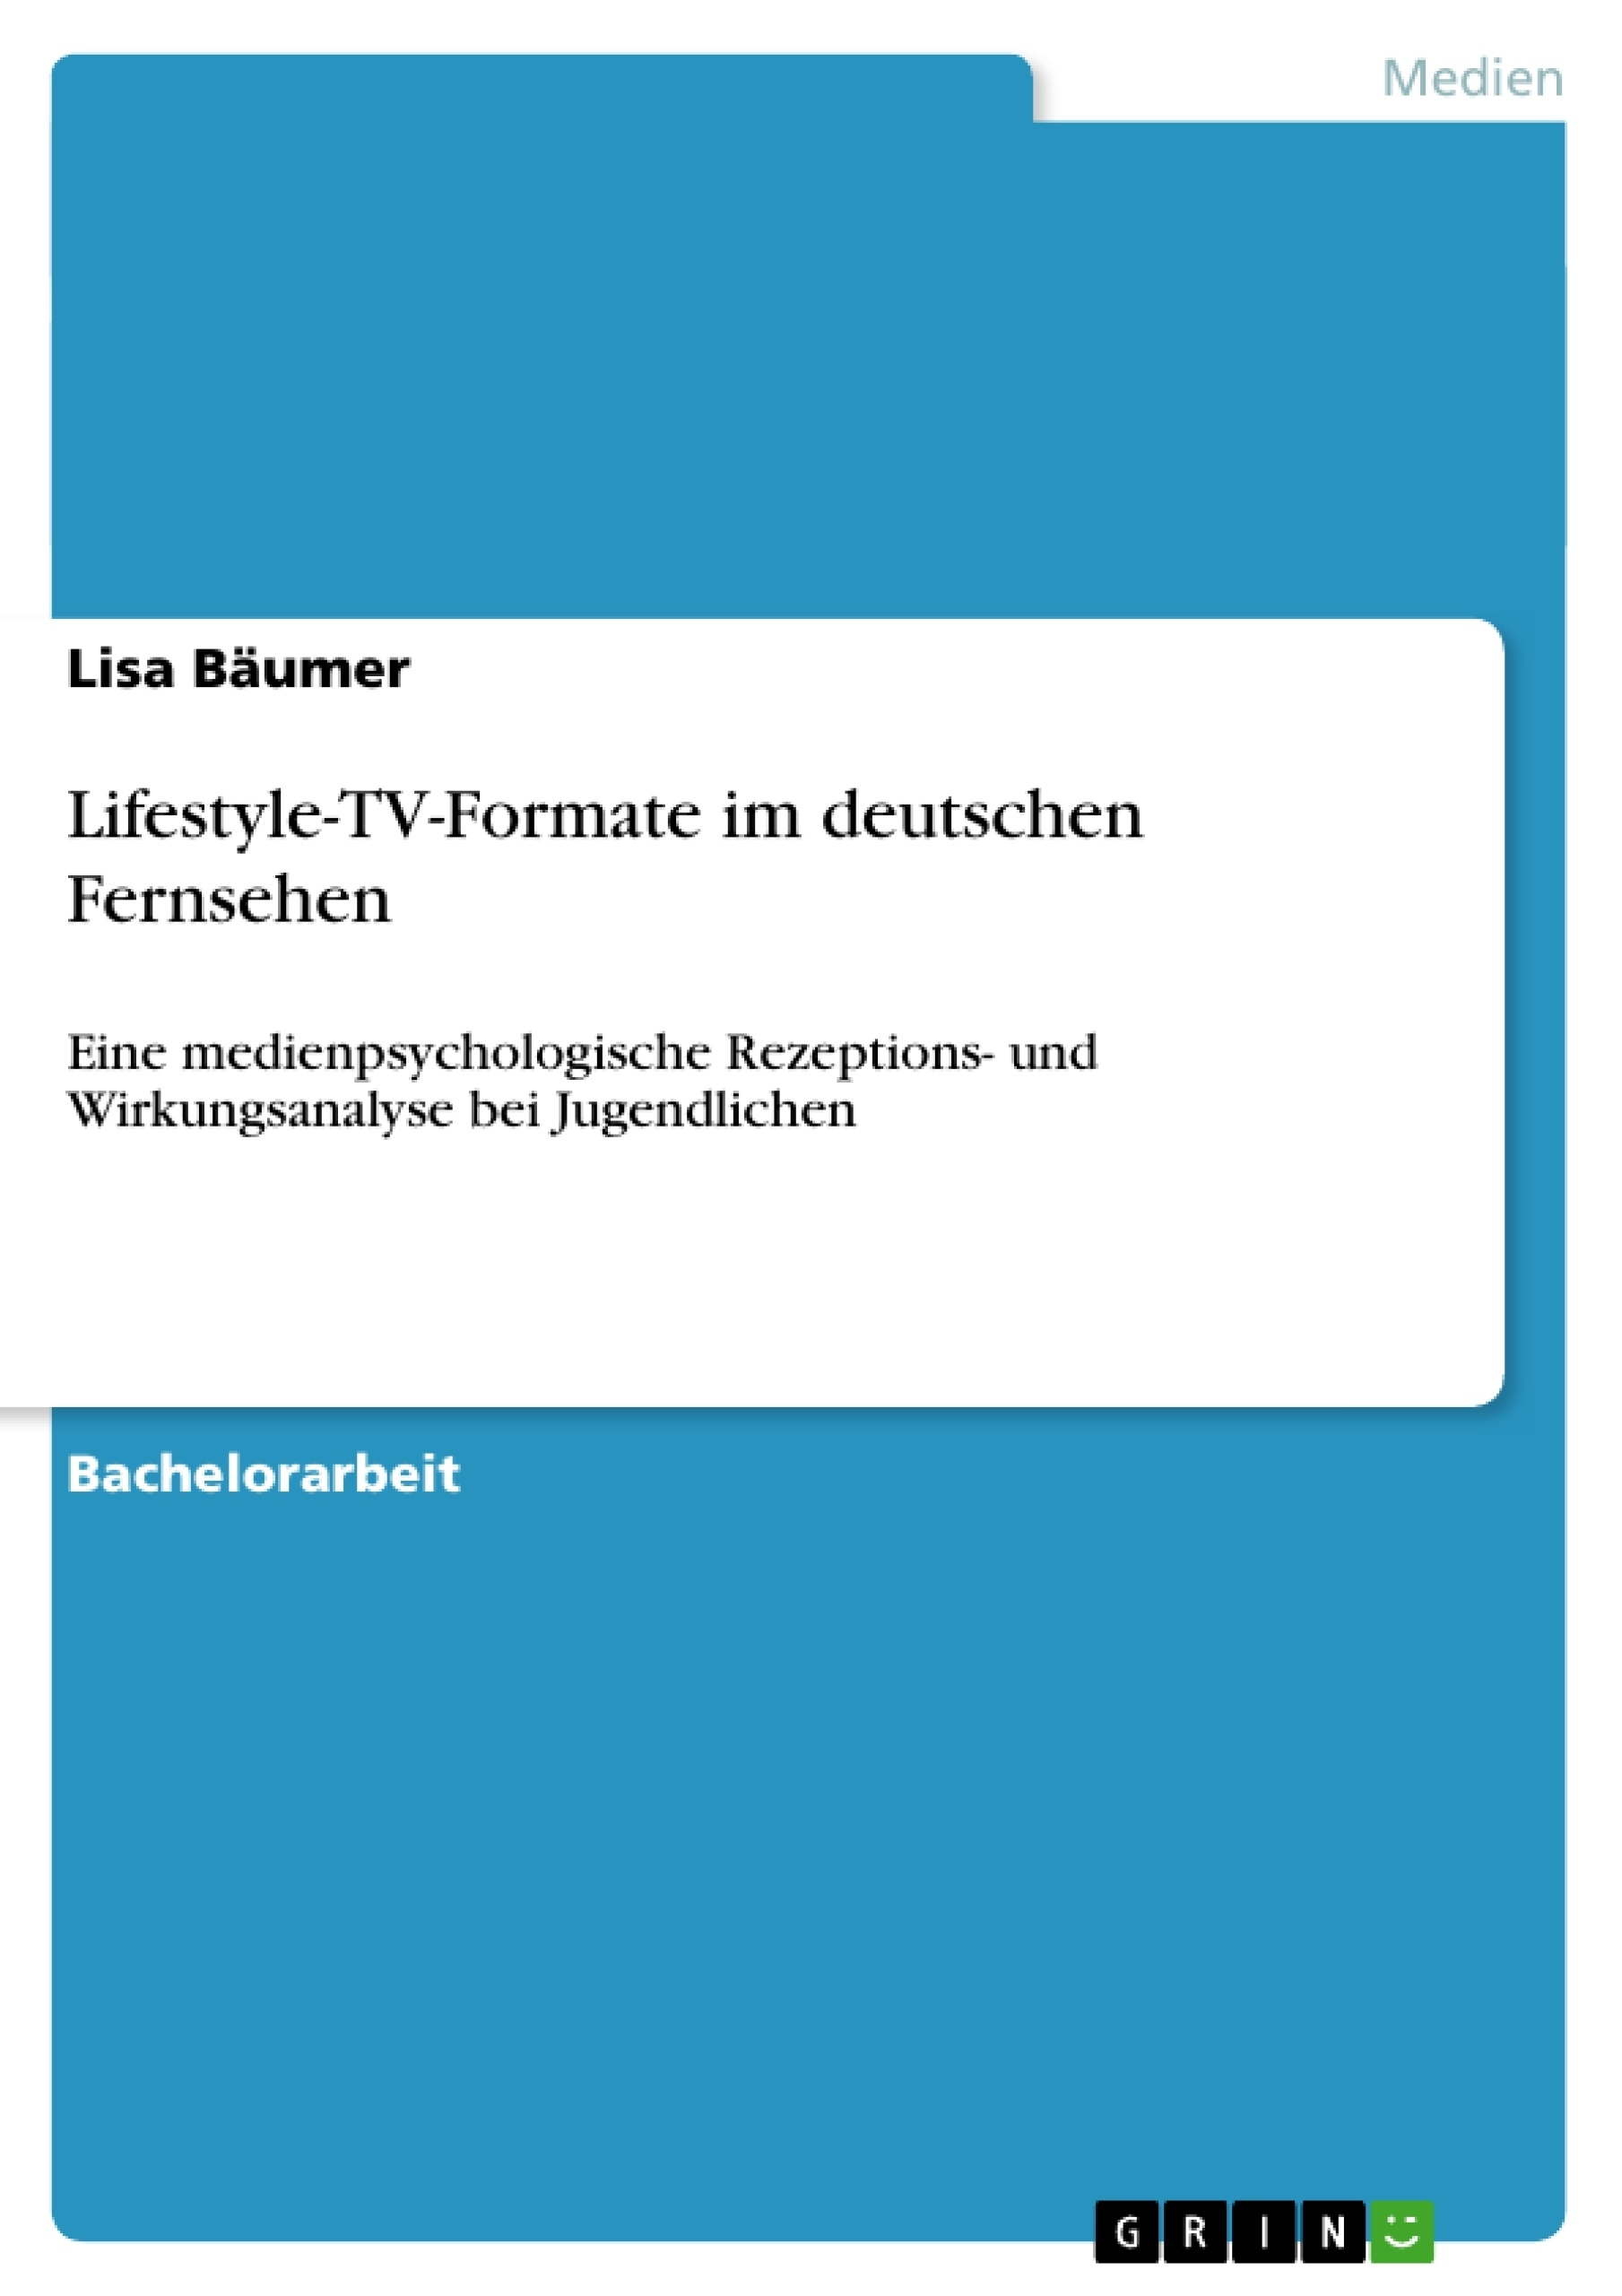 Titel: Lifestyle-TV-Formate im deutschen Fernsehen